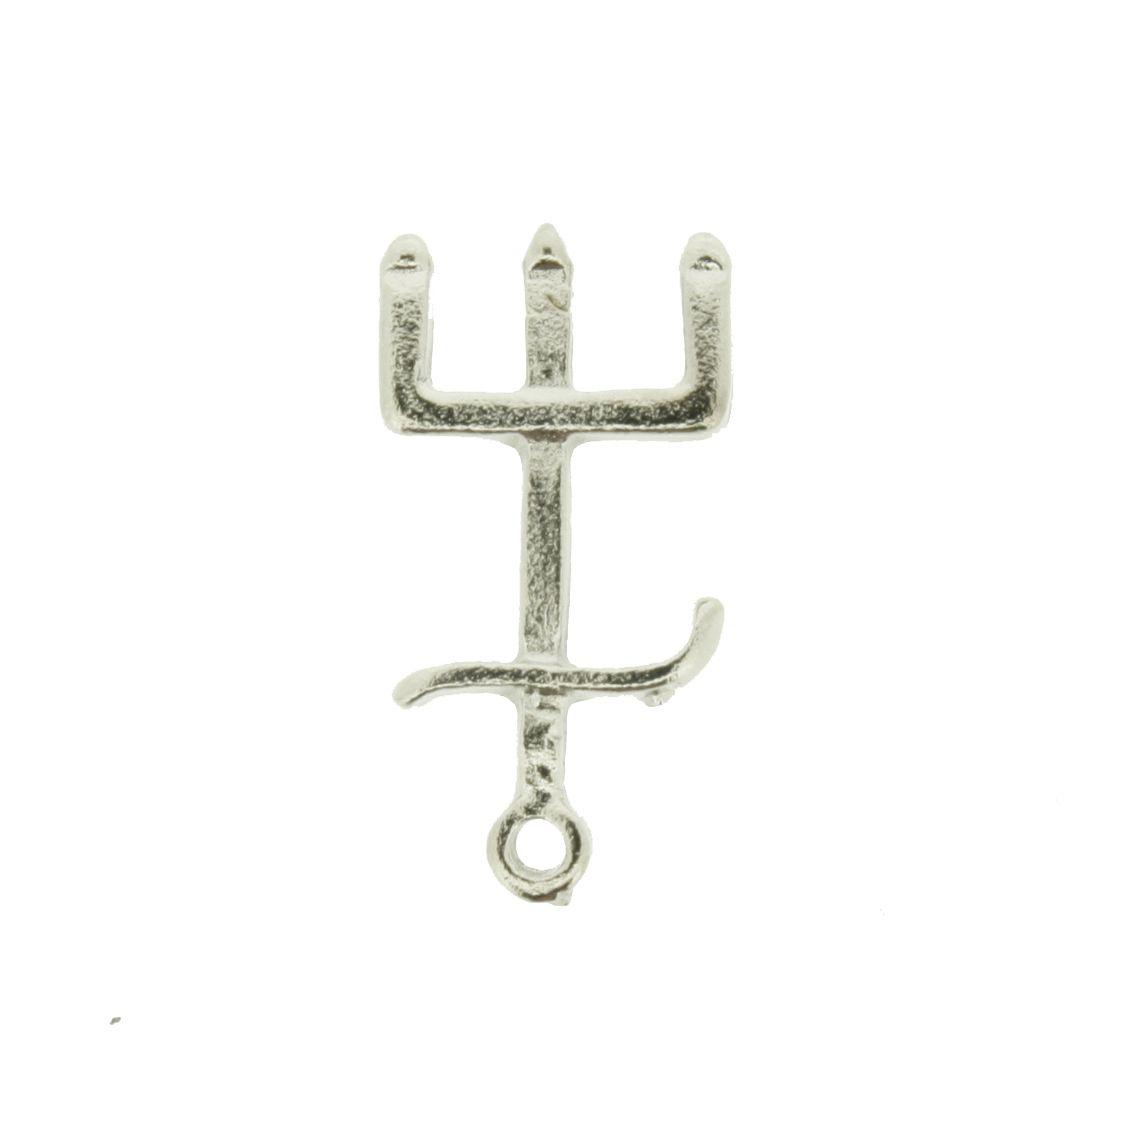 Tridente - Níquel - 19mm - 01 Peça  - Stéphanie Bijoux® - Peças para Bijuterias e Artesanato